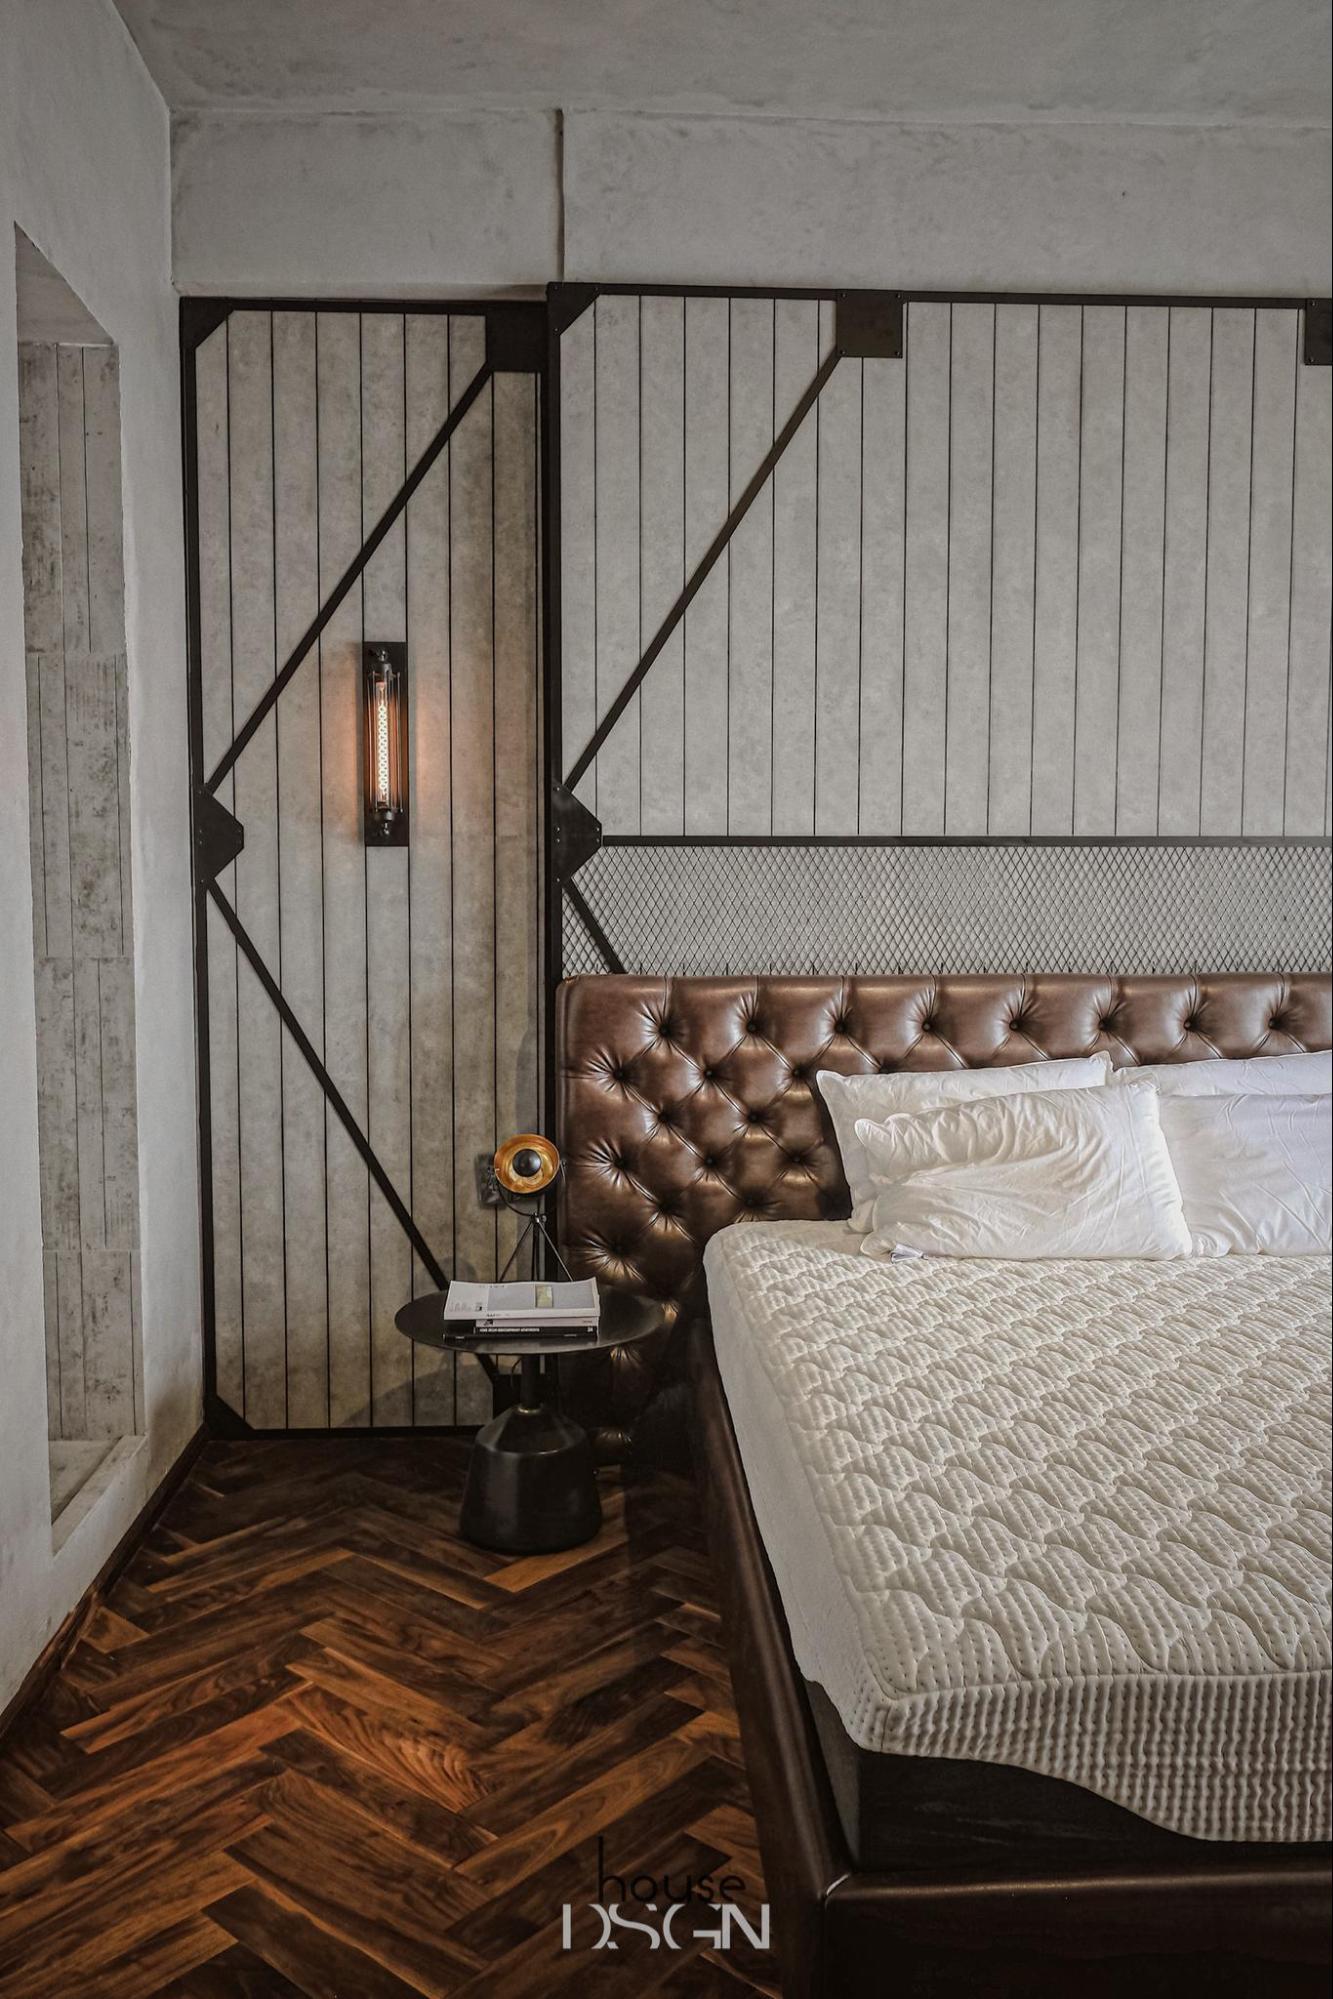 mẫu thiết kế nội thất căn hộ 3 phòng ngủ đẹp